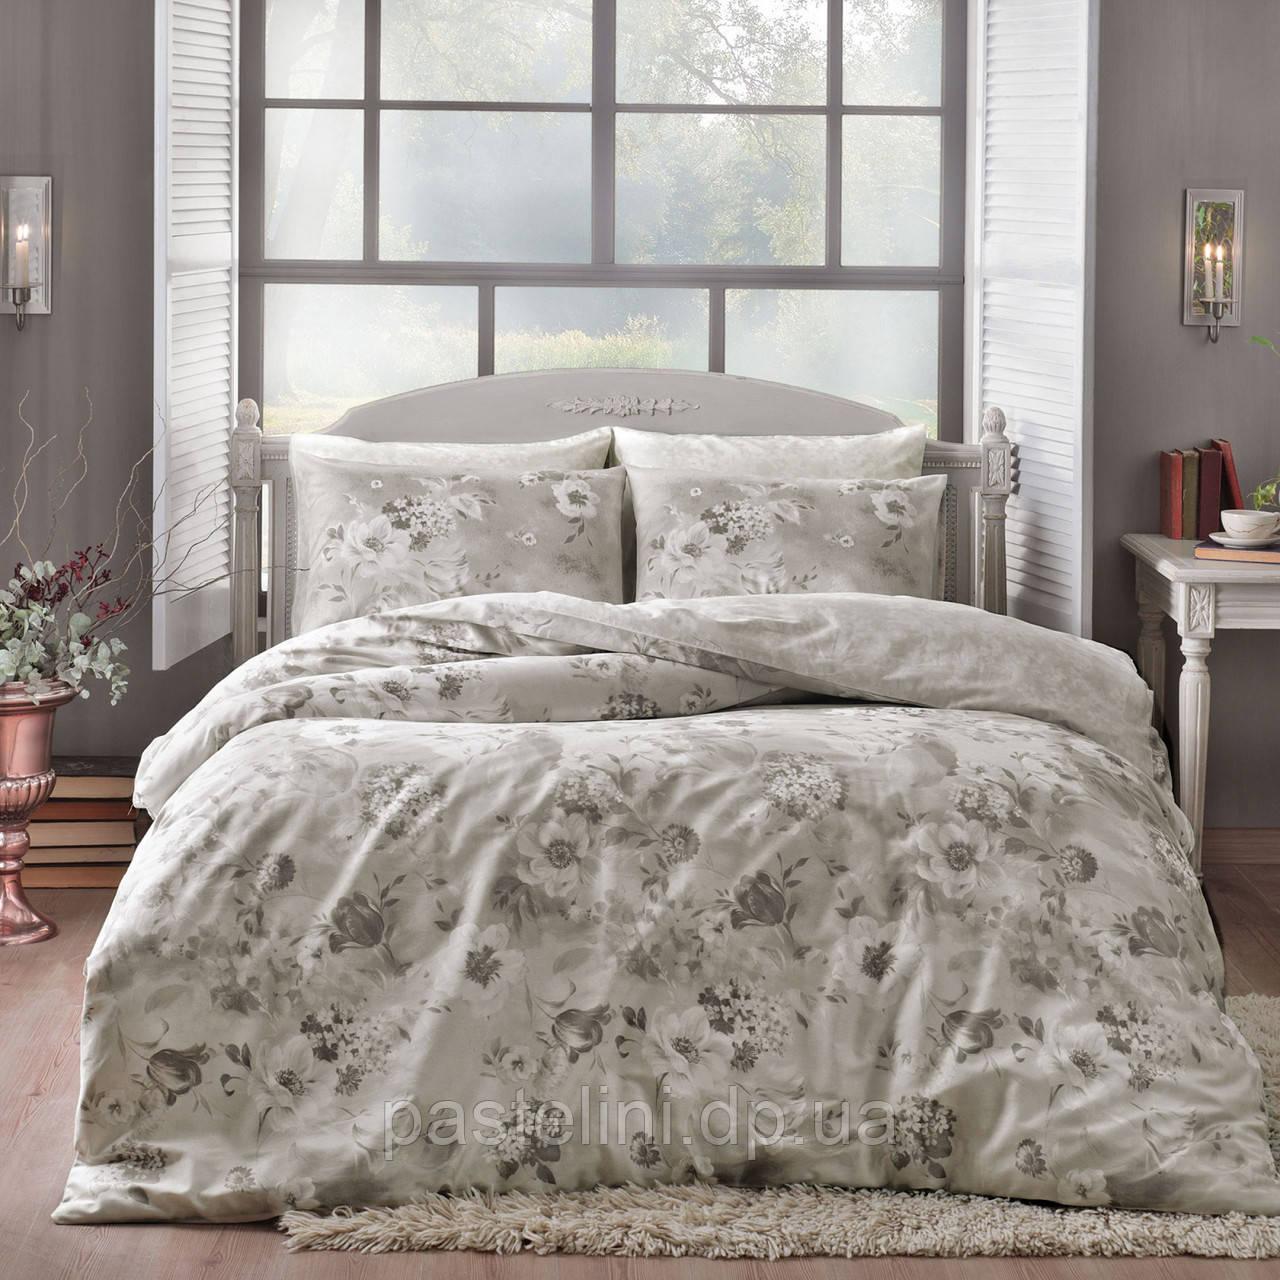 TAC  сатин Allure gri евро комплект постельного белья